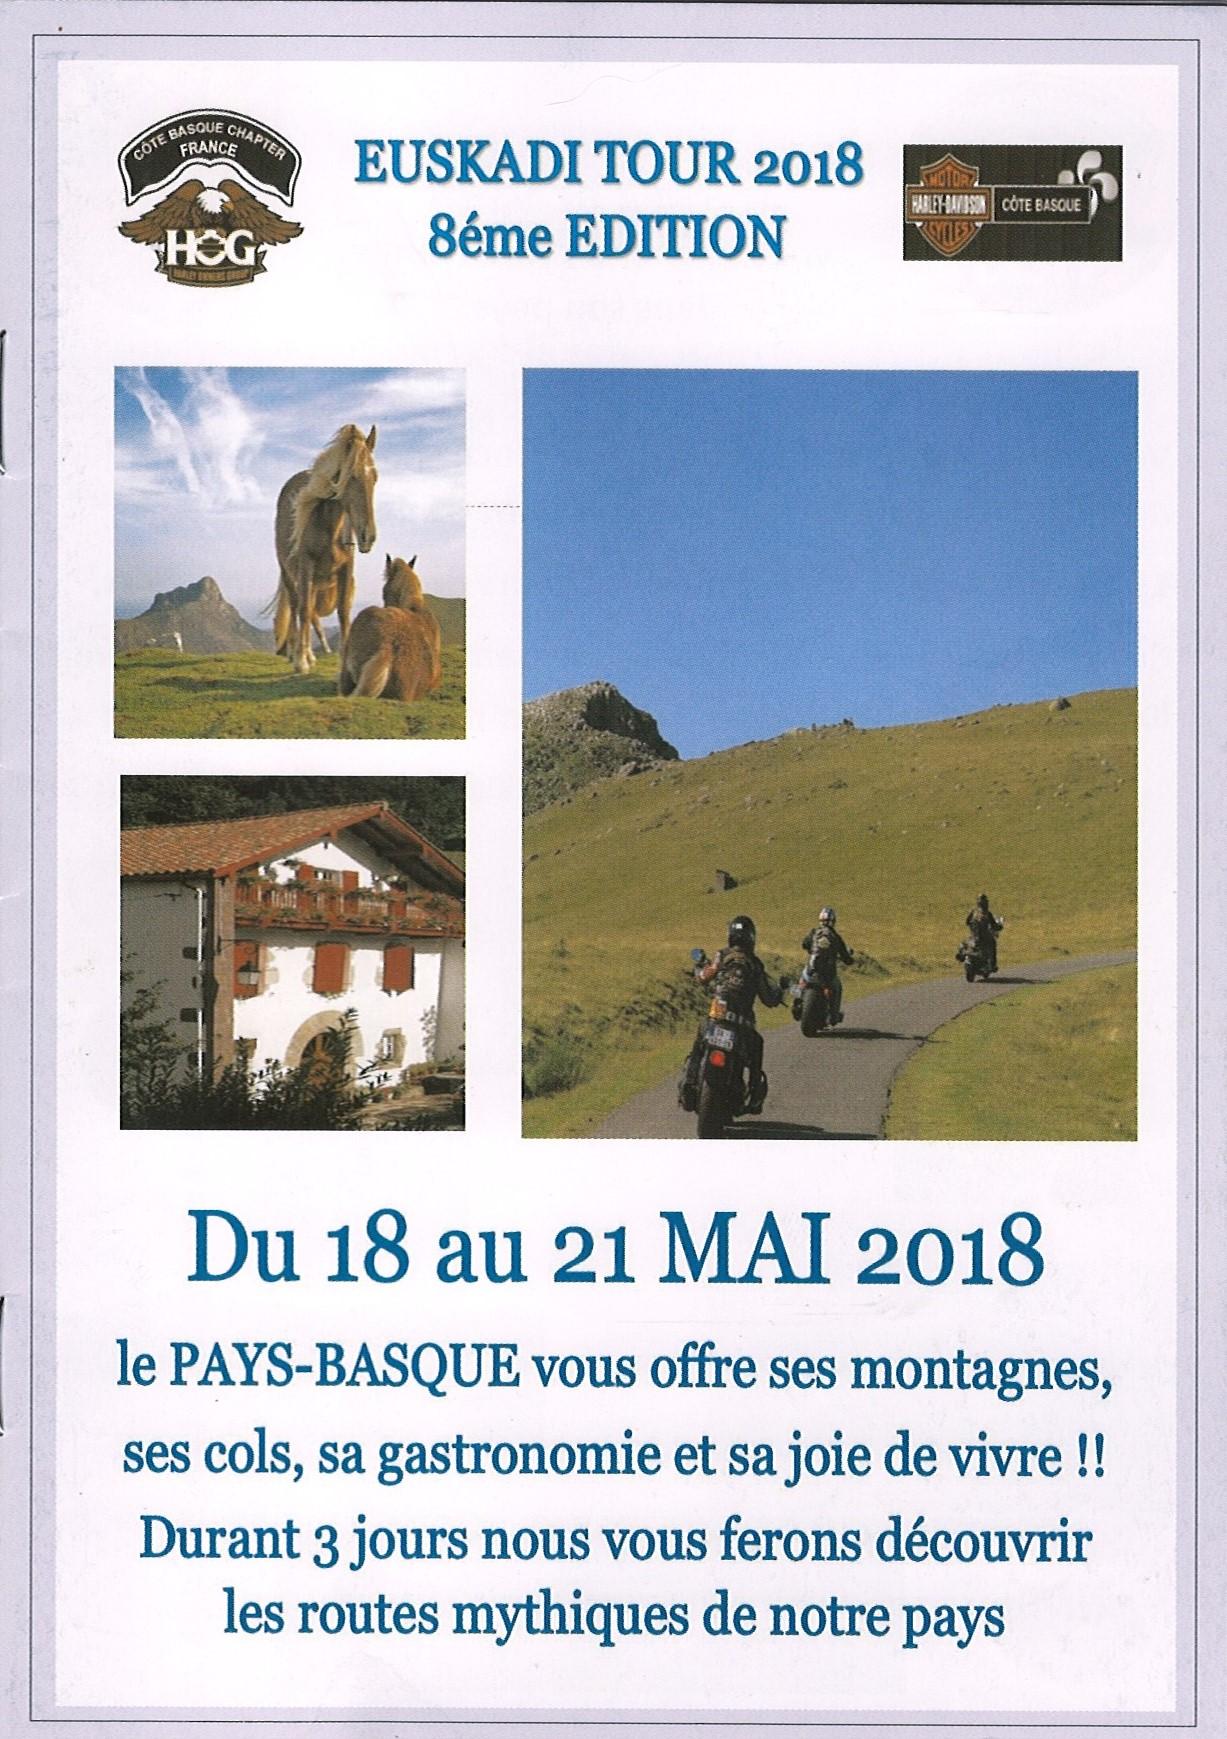 Euskadi tour 2018